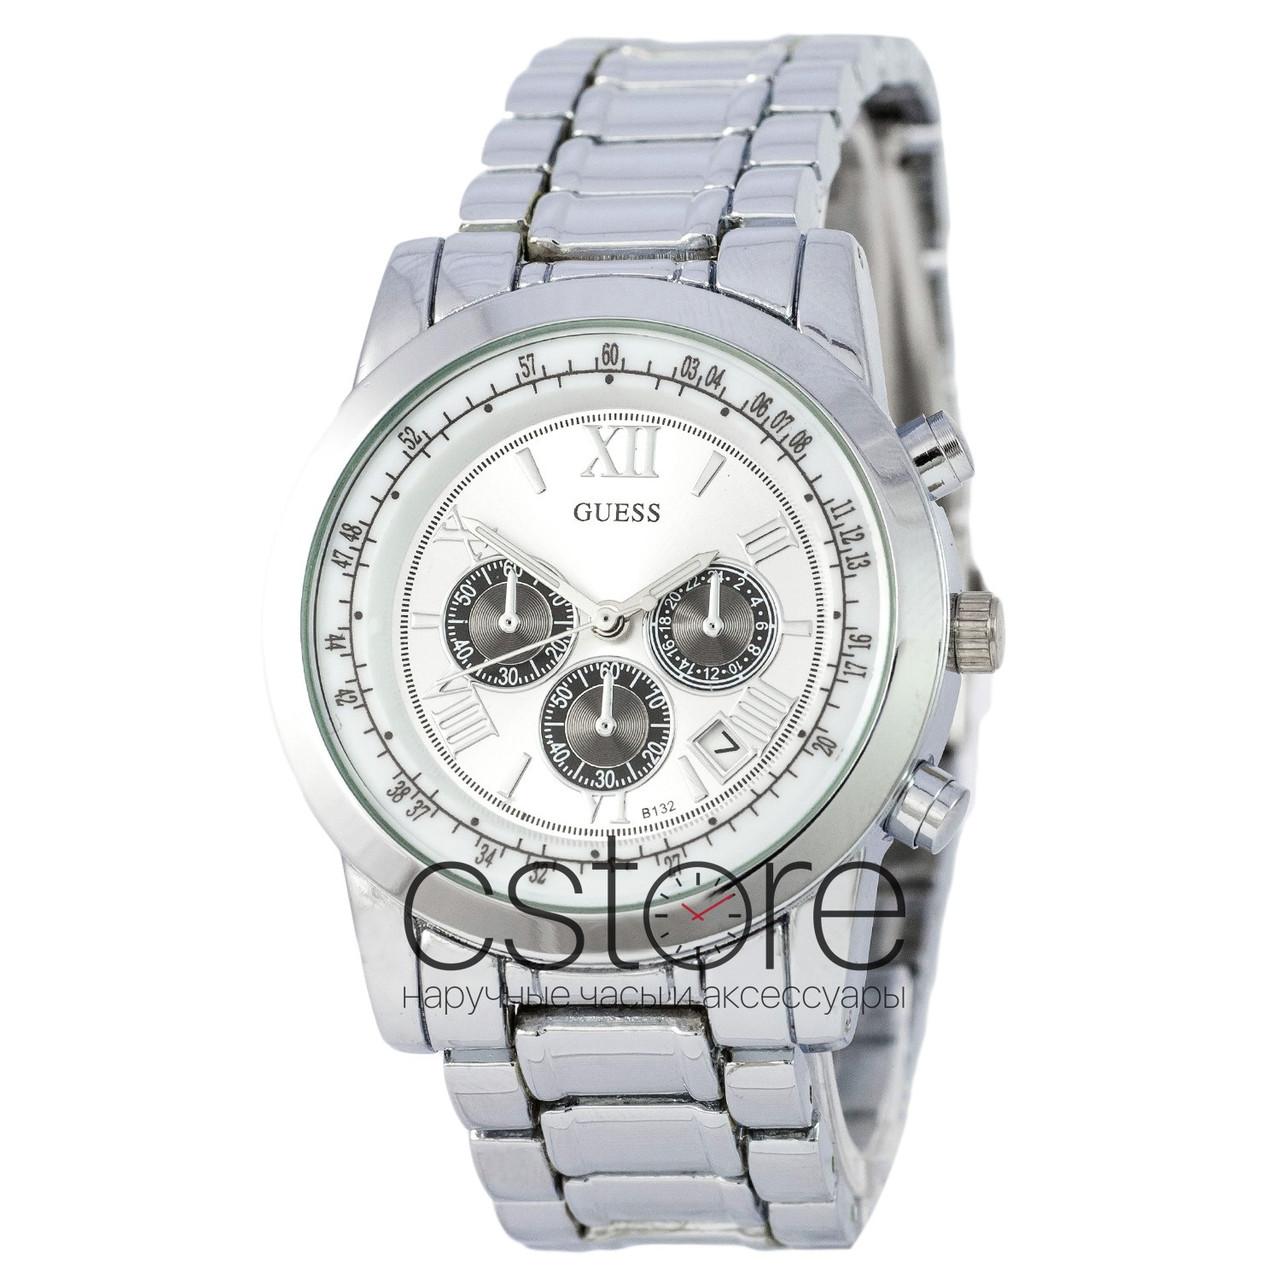 Белые наручные часы guess королев наручные часы